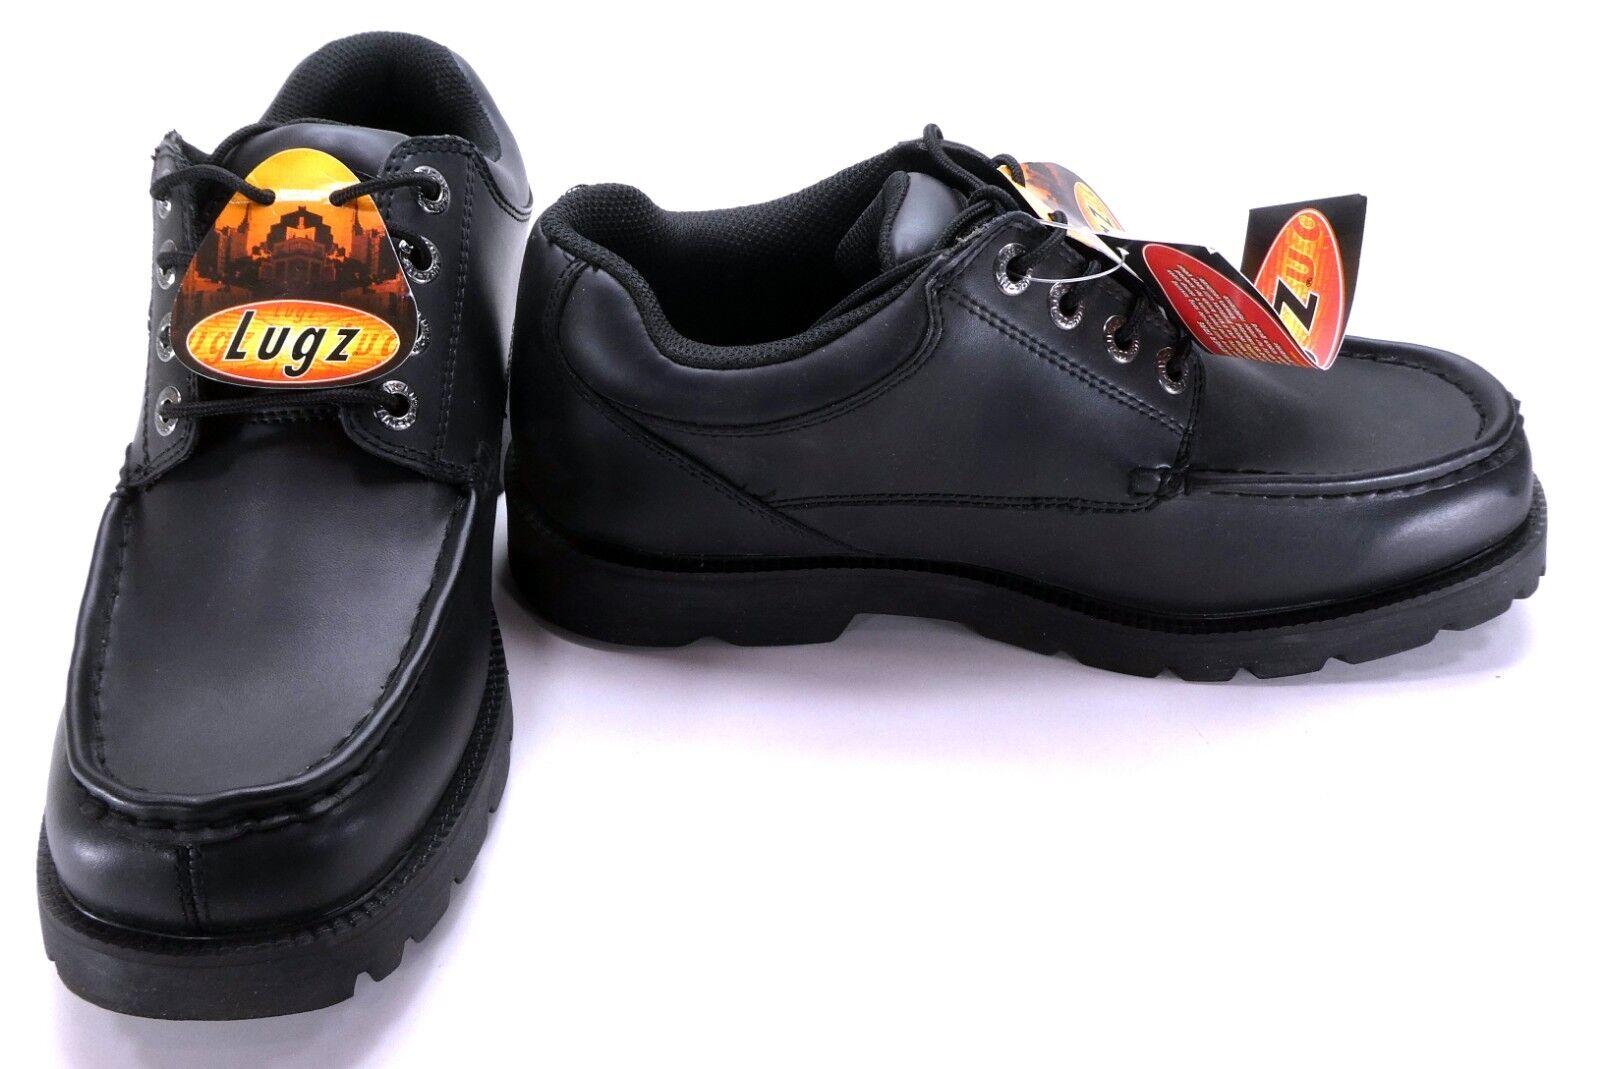 Lugz Zapatos botas Negras De Cuero Apilador lo Atléticos tamaño 8.5